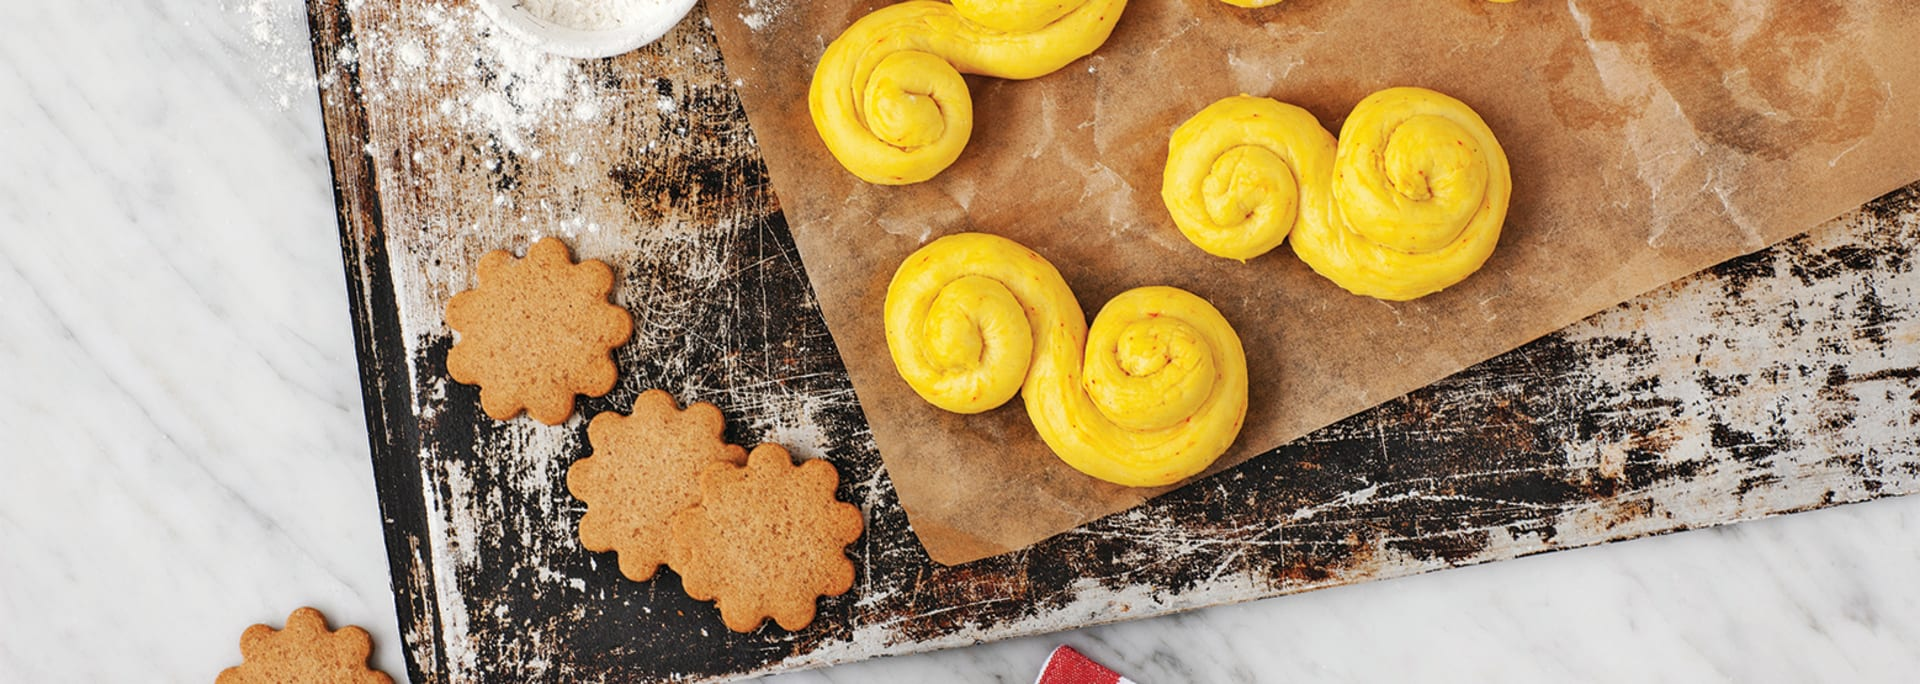 Glutenfri julbakning, pepparkakor och lussekatter